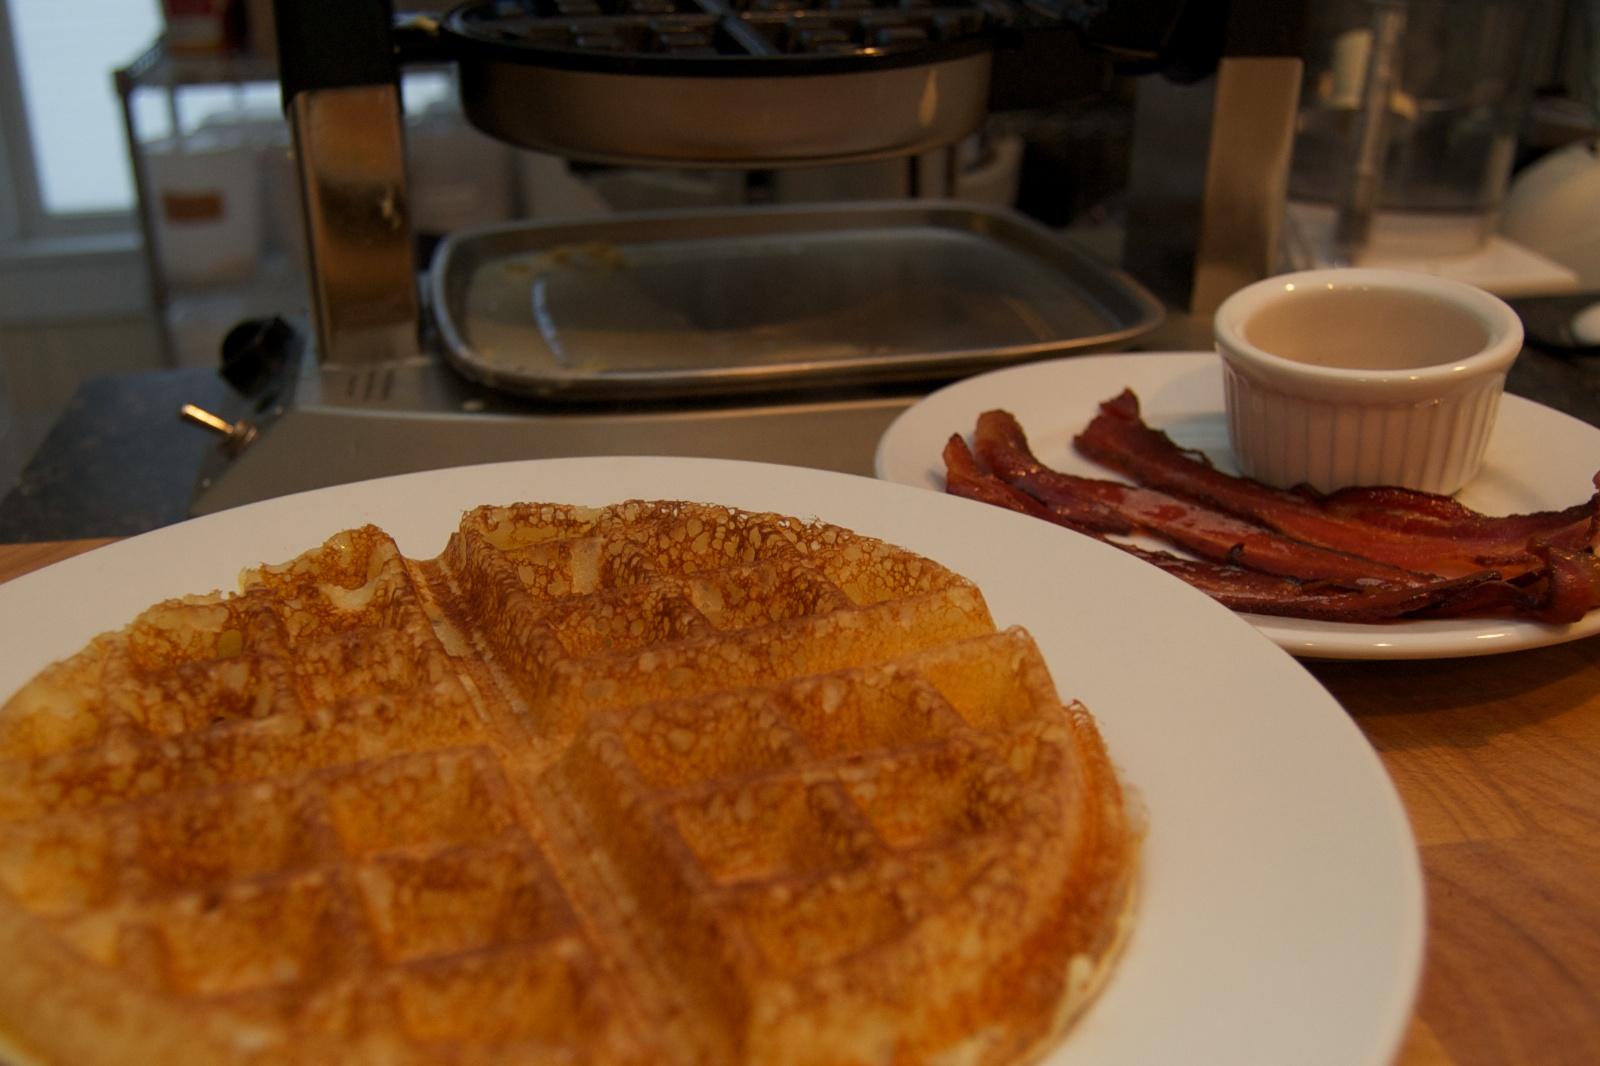 http://blog.rickk.com/food/2011/03/13/waffles1.jpg